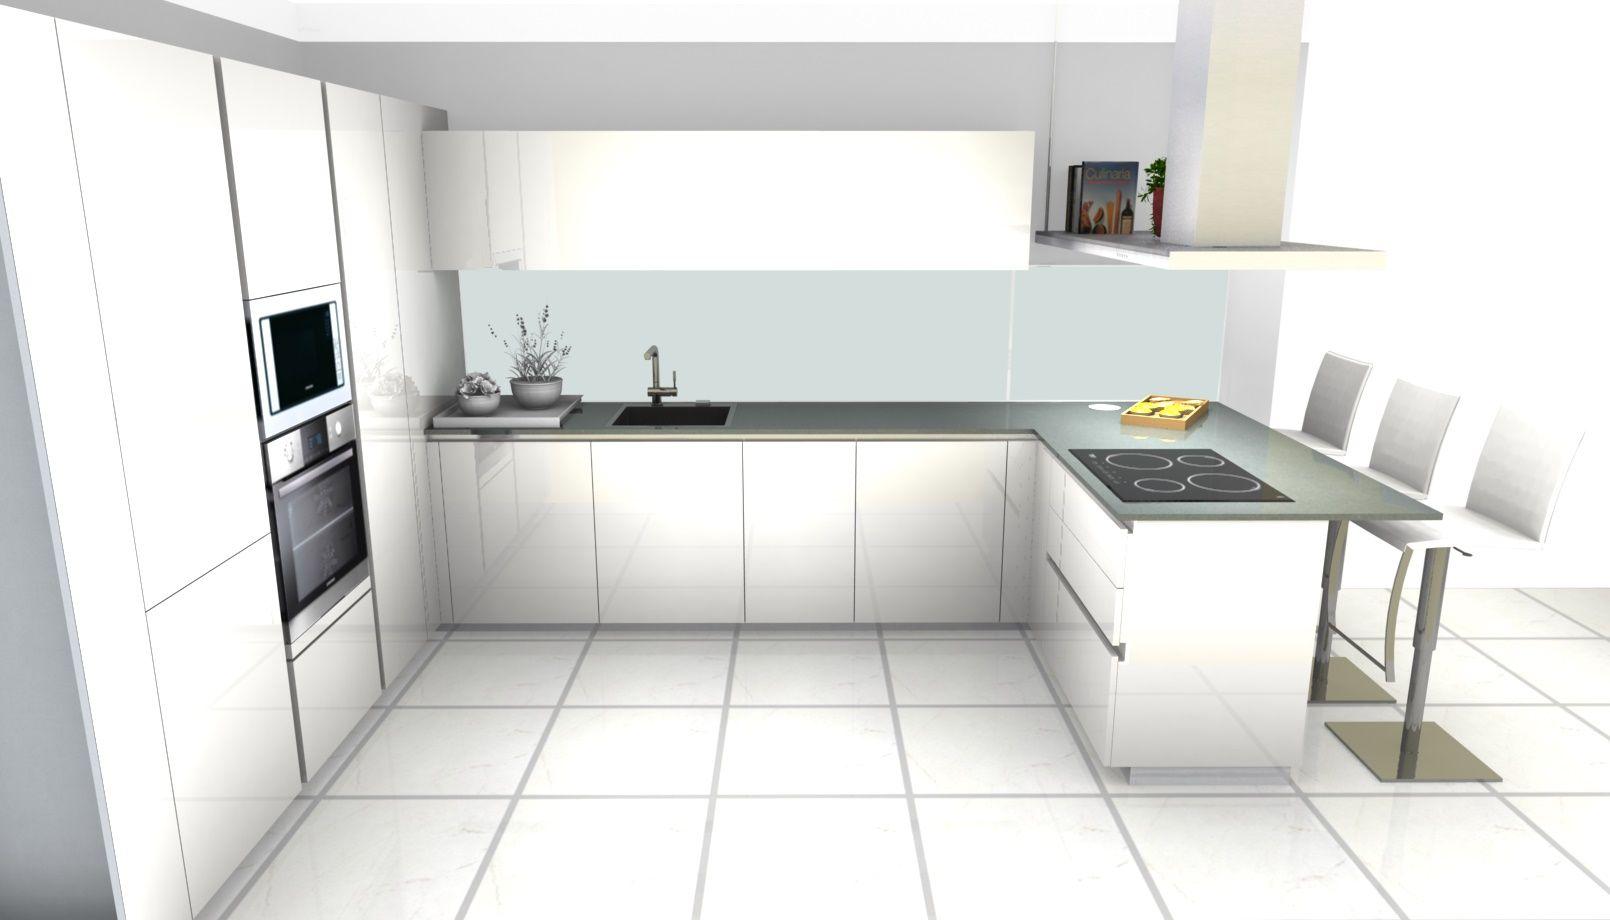 Progetto cucina ernestomeda one80 laccato lucido white moon mobili